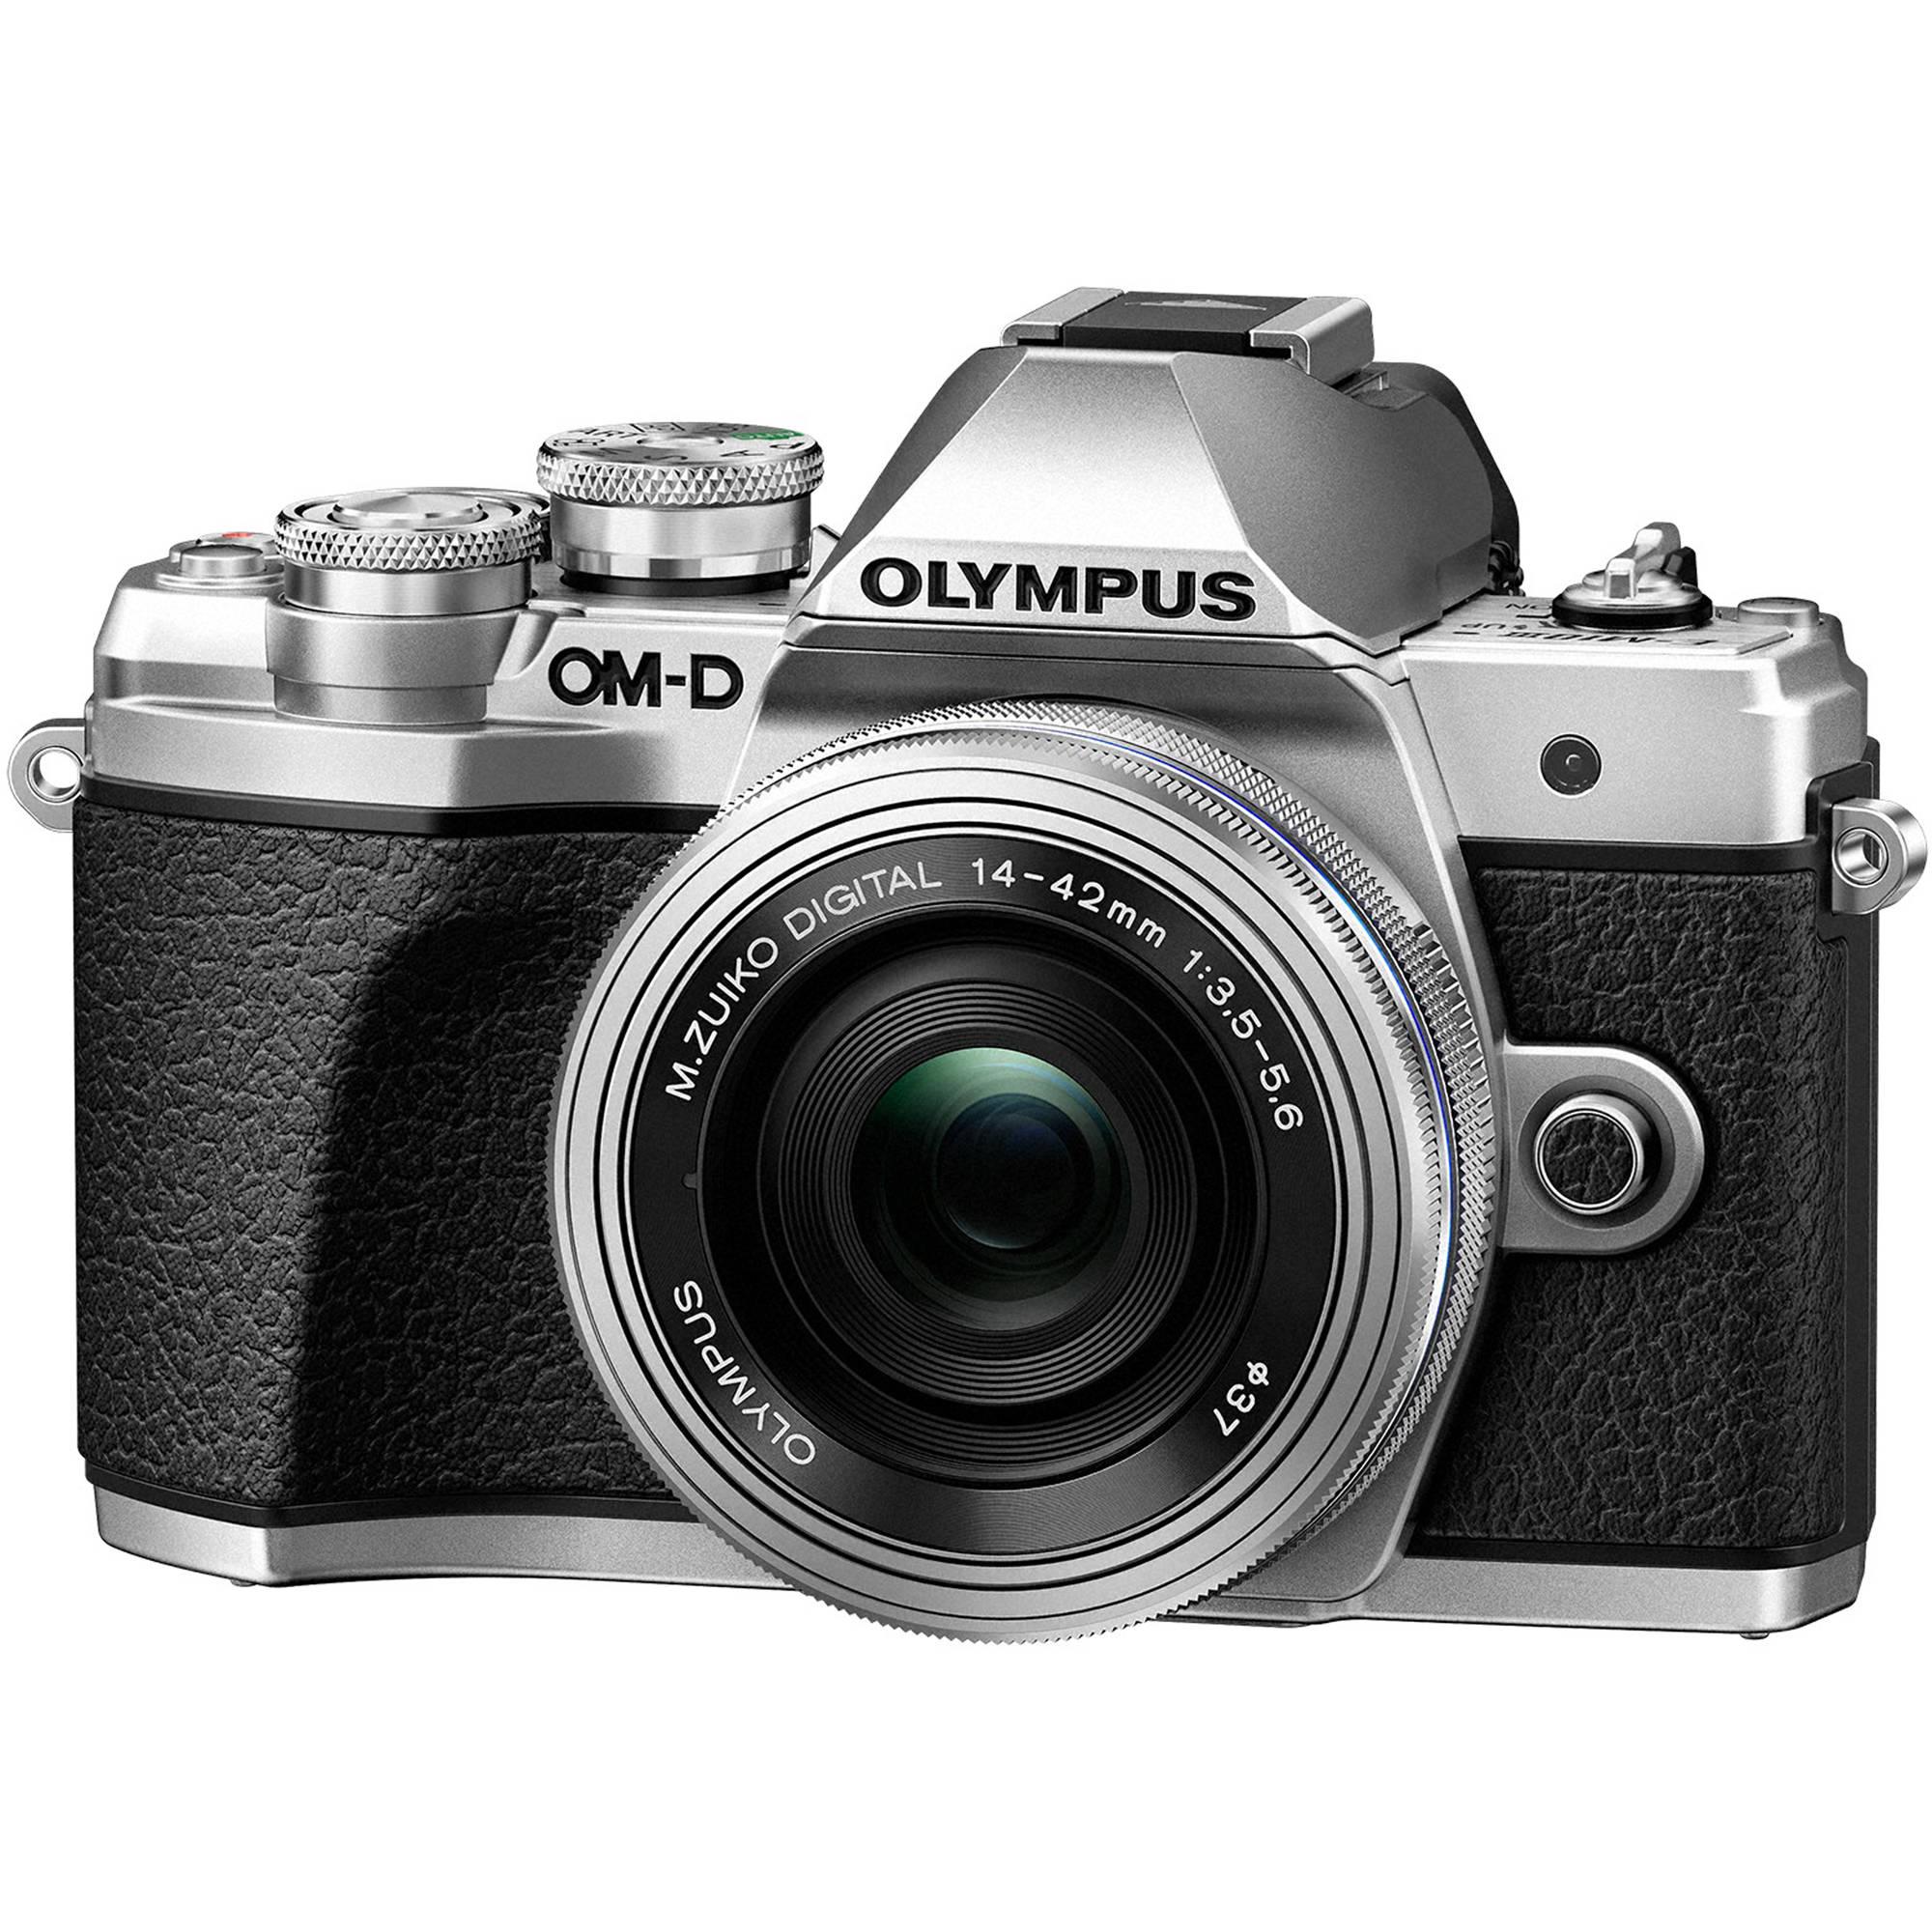 Kamera mirrorless adalah kamera yang tidak memiliki cermin dari jendela bidik optic viewfinder seperti kamera DSLR namun kualitas gambar yang dihasilkan